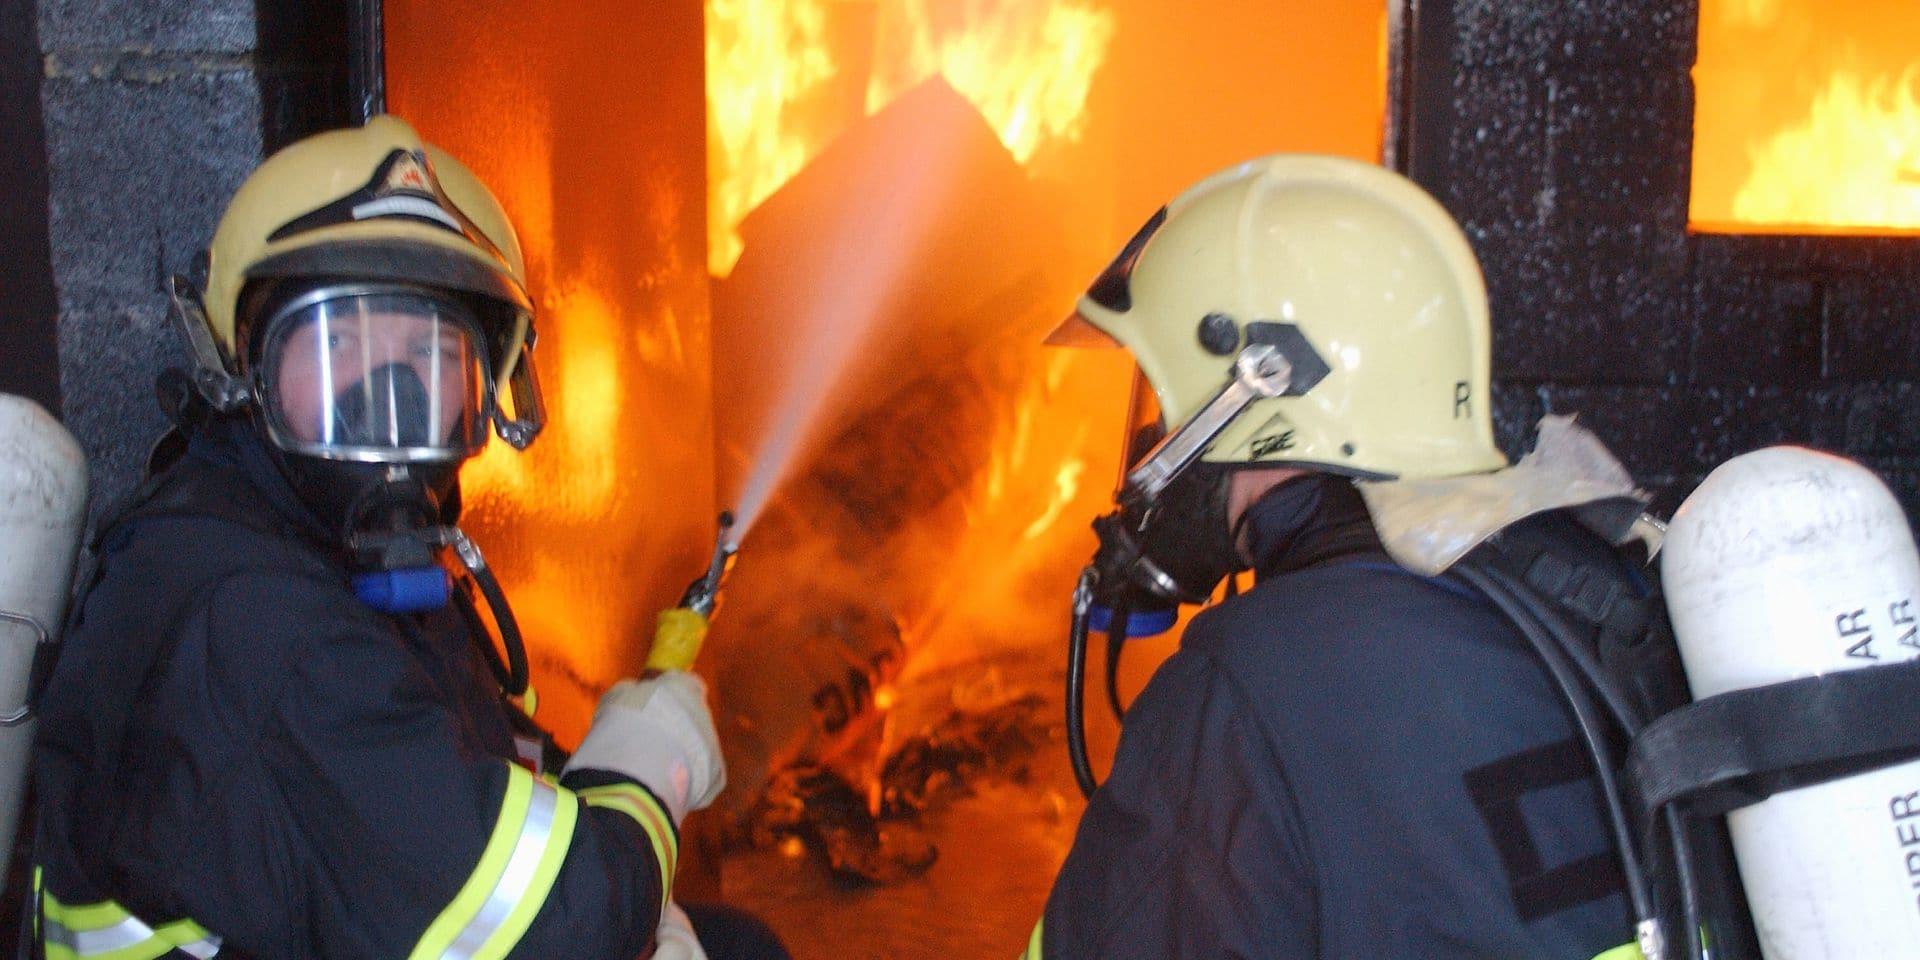 Une personne brûlée dans un incendie à Soumagne